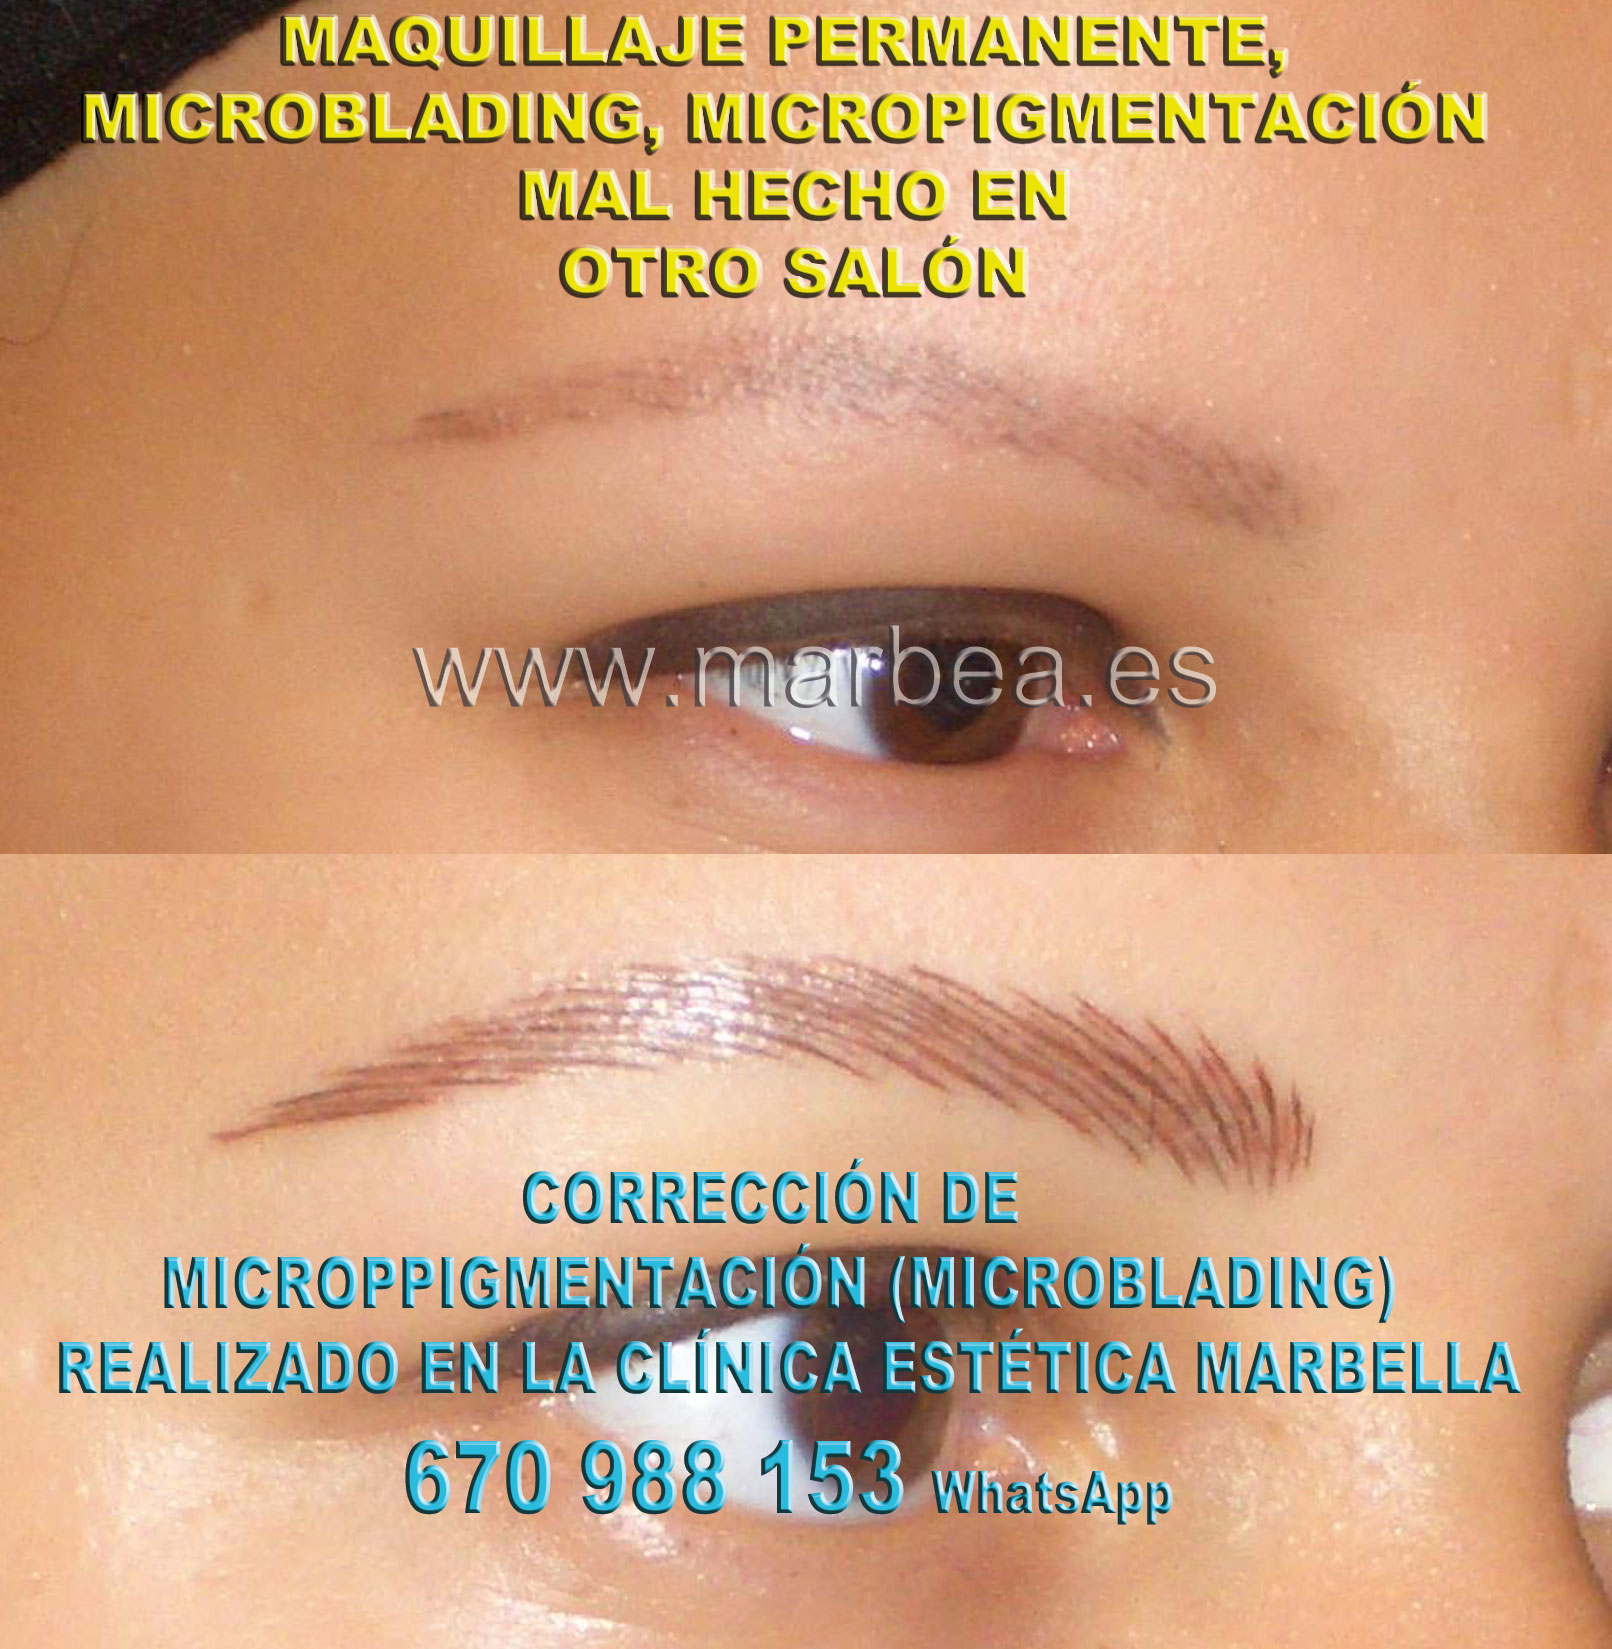 ELIMINAR MICROBLADING CEJAS clínica estética maquillaje semipermanente propone micropigmentacion correctiva de cejas,reparamos microppigmentacion mal hechos